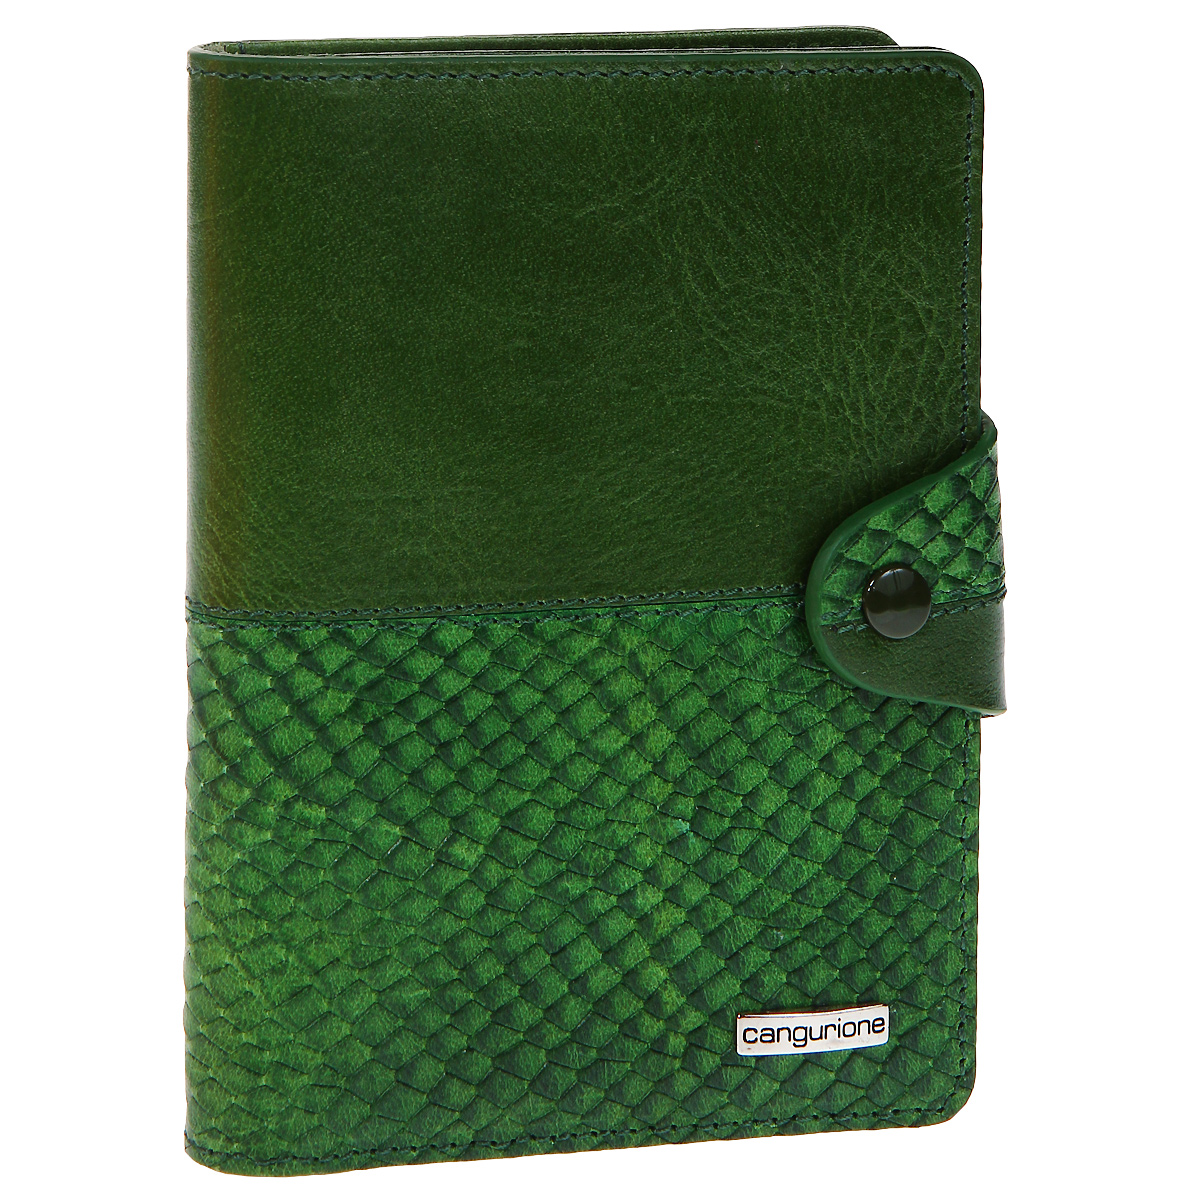 Обложка для автодокументов Cangurione, цвет: зеленый. 3341-009 DP-ANC366Обложка для автодокументов Cangurione выполнена из натуральной кожи зеленого цвета с декоративным тиснением под крокодила. На внутреннем развороте - 4 кармашка для пластиковых и кредитных карт, потайное отделение, окошко для фотографии и два кармашка для документов. Обложка закрывается при помощи хлястика на кнопку. Обложка не только поможет сохранить внешний вид ваших документов и защитит их от повреждений, но и станет стильным аксессуаром, который подчеркнет ваш неповторимый стиль. Обложка упакована в коробку из плотного картона с логотипом фирмы. Характеристики:Материал: натуральная кожа, металл. Цвет: зеленый. Размер обложки: 10 см х 13,5 см х 1,5 см. Размер упаковки: 11,5 см х 15,5 см х 2 см. Артикул: 3341-009 DP-ANC/Green.